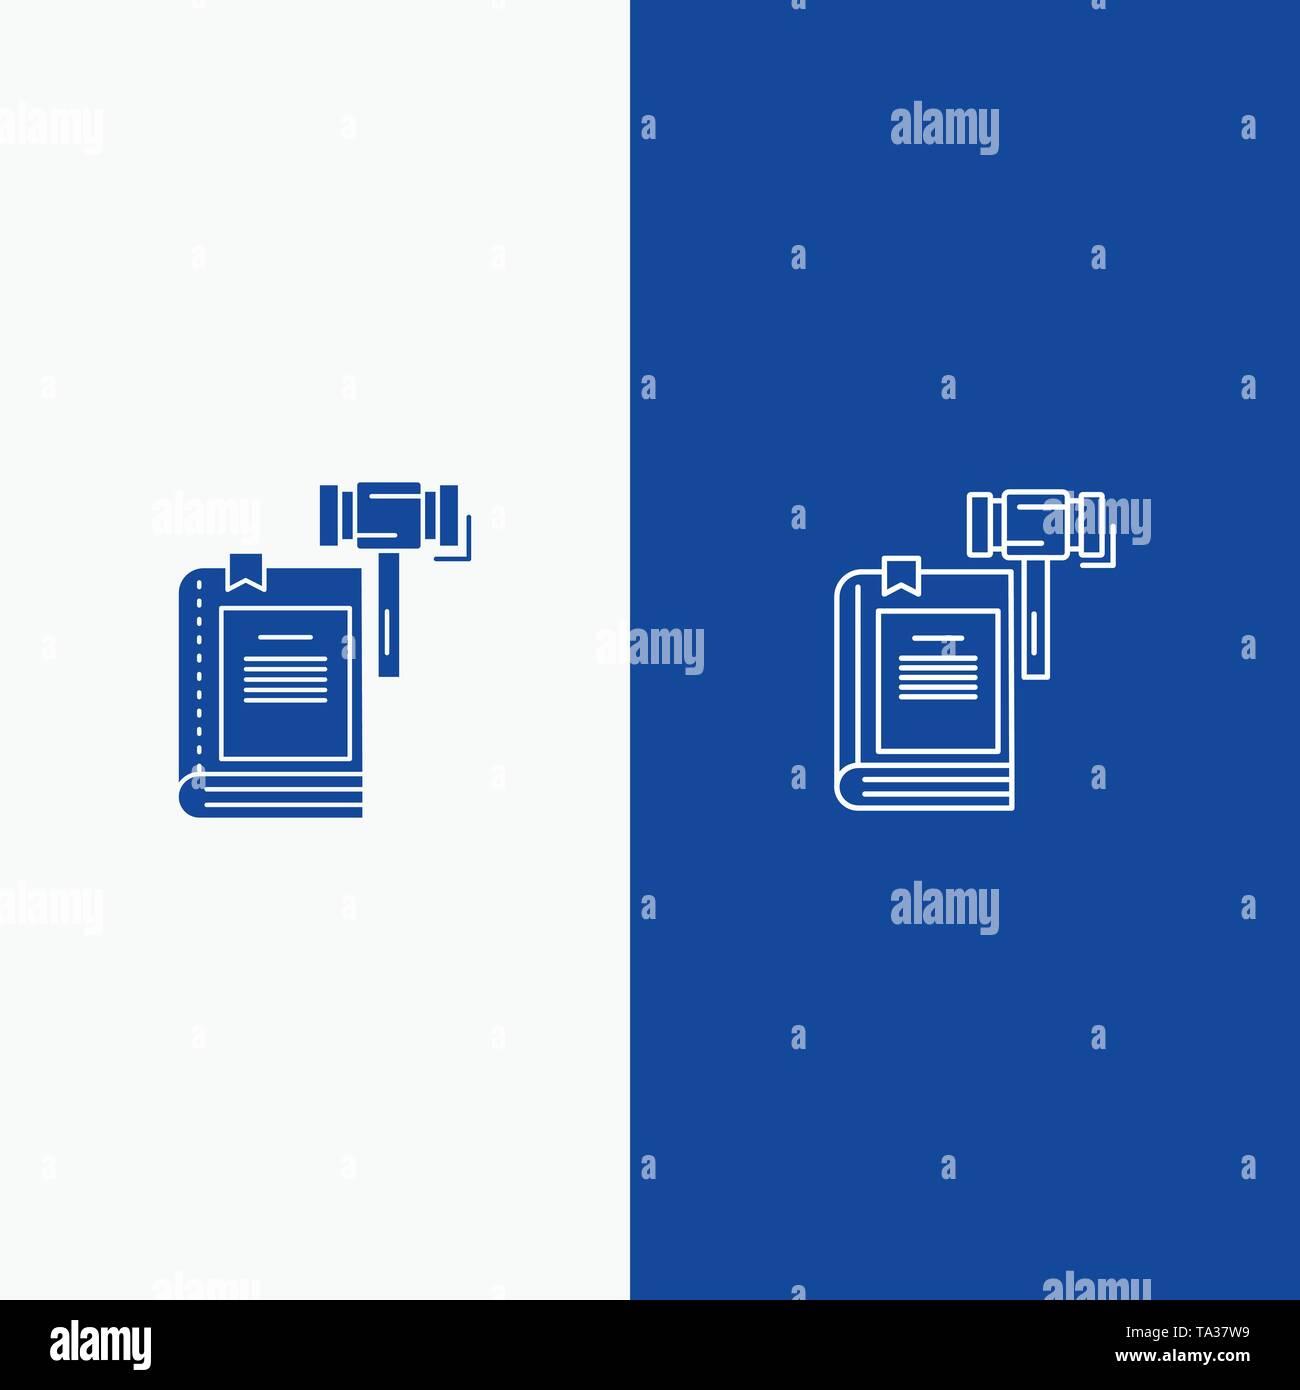 Gesetz, Aktion, Auktion, Gericht, Hammer, Hammer, rechtliche und Glyphe feste Symbol blau Banner und Glyphe feste Symbol blau Banner Stockbild